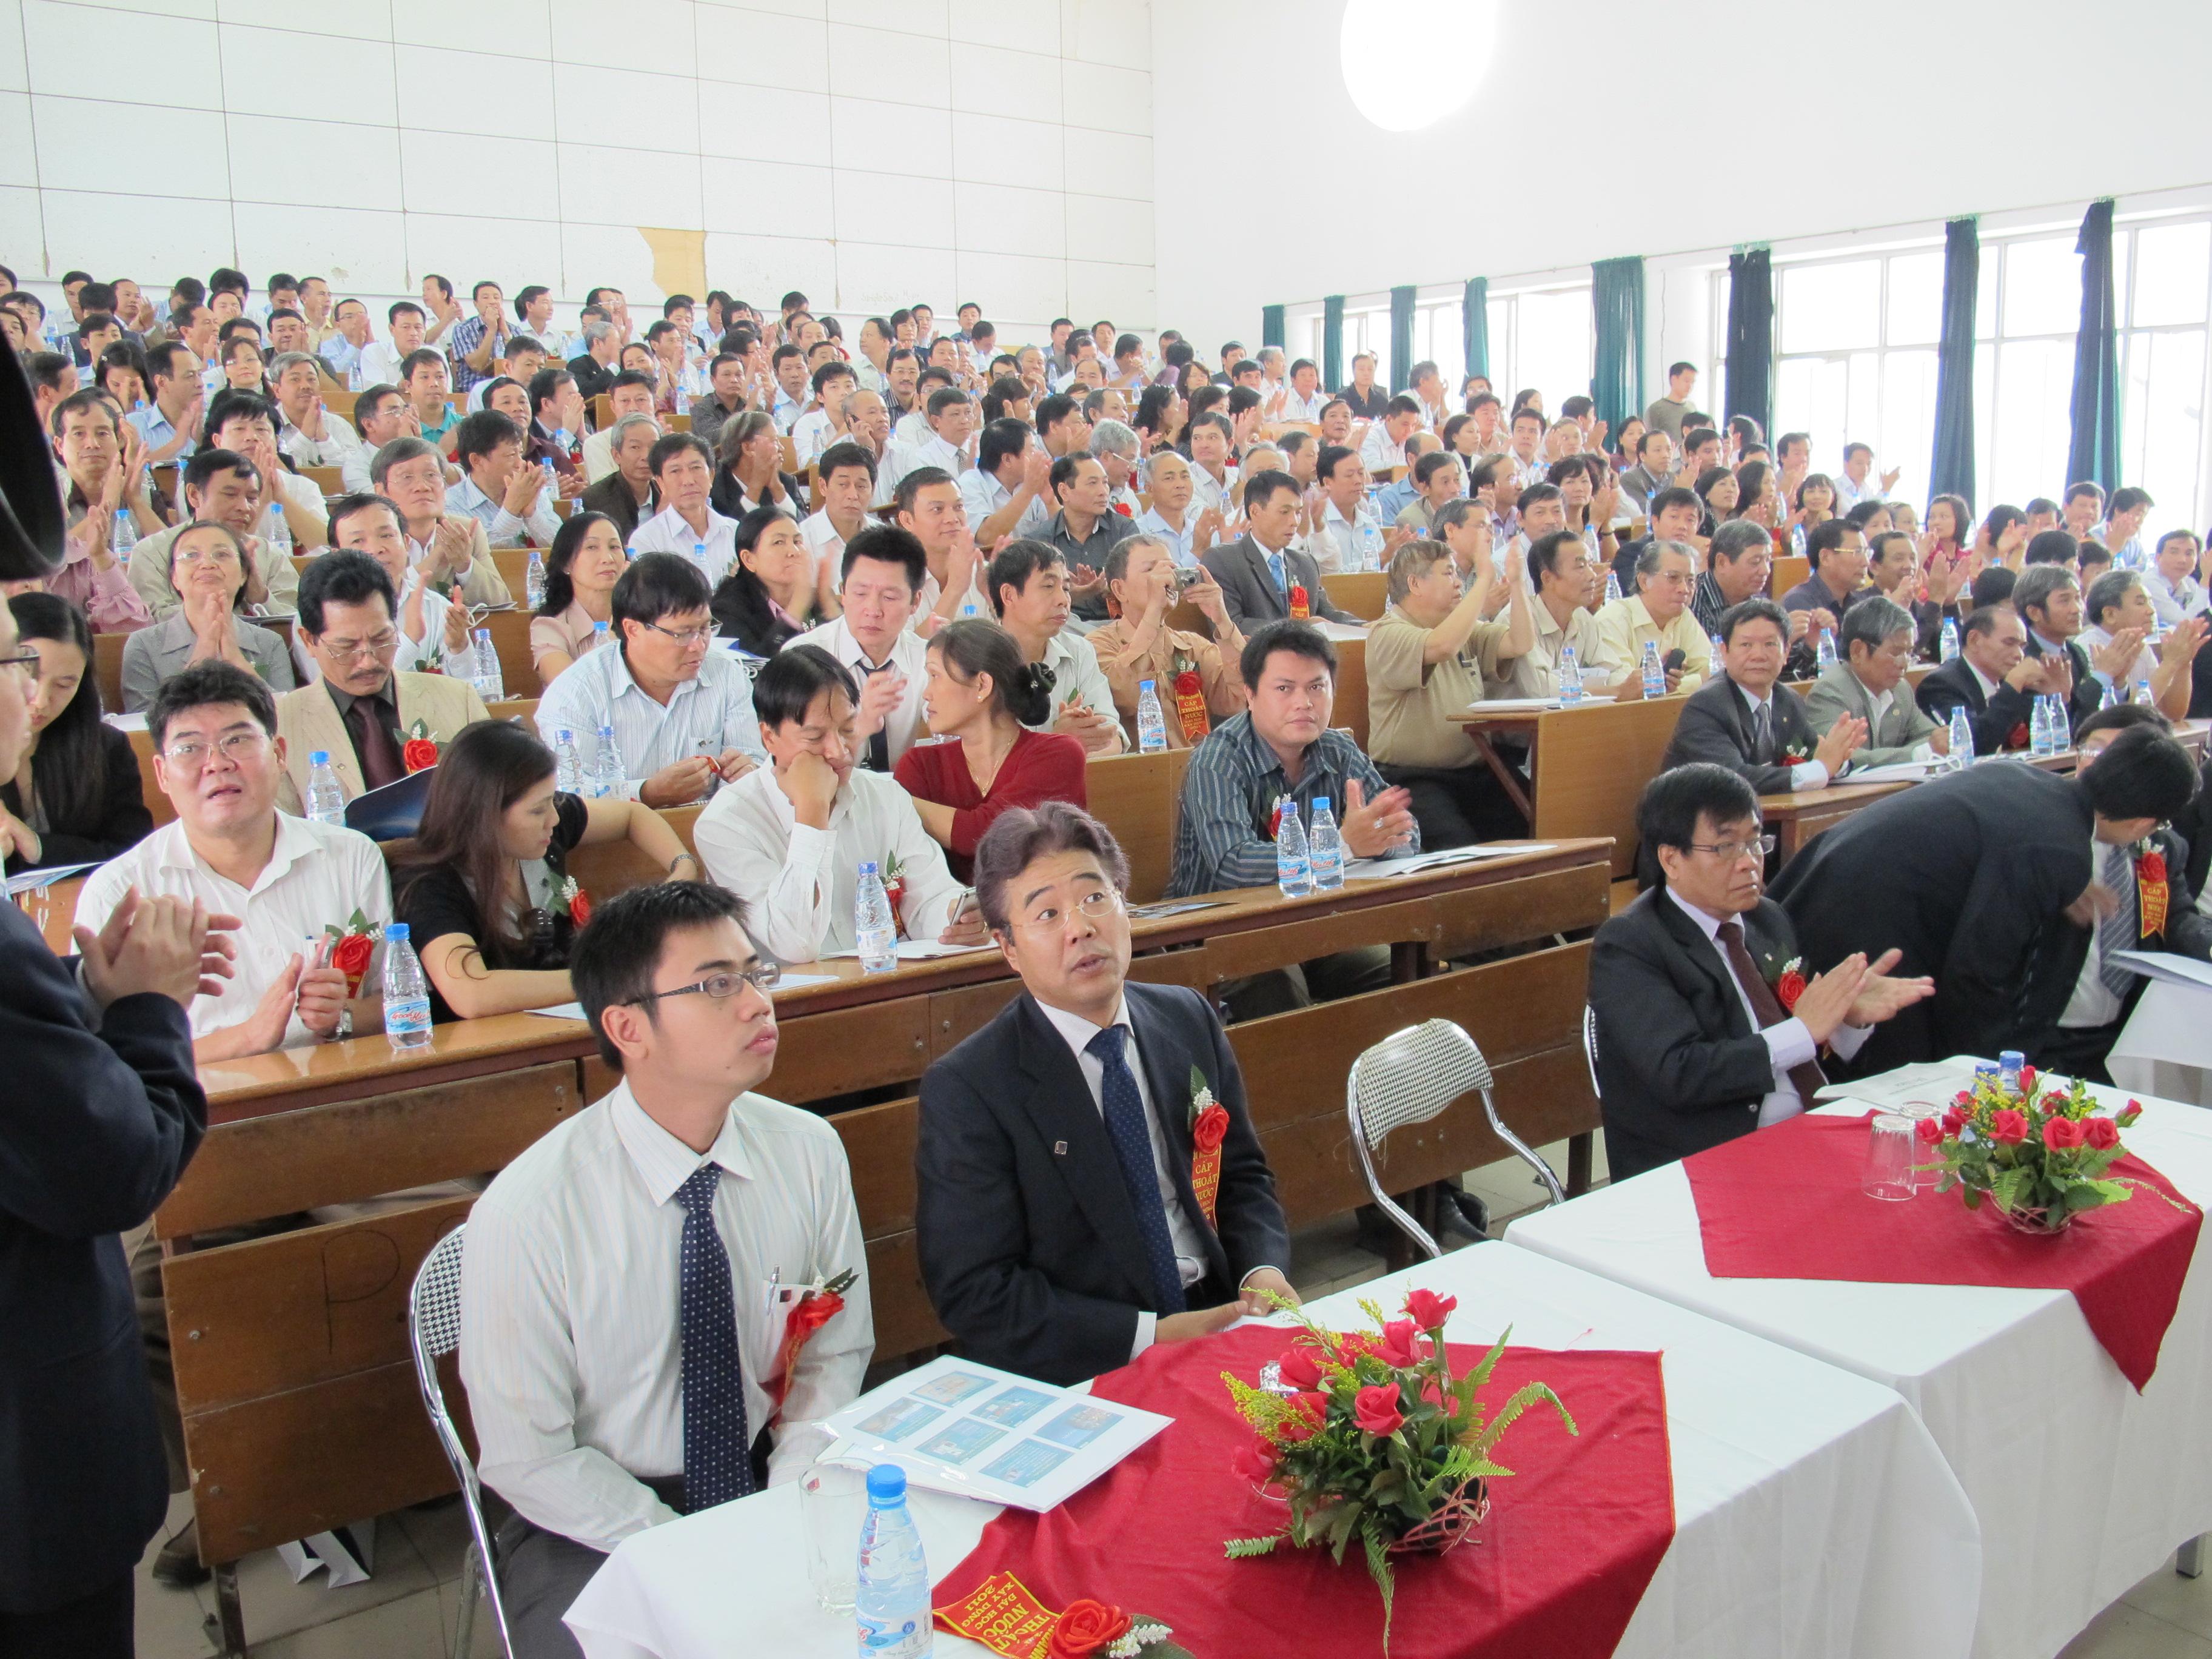 Các cựu sinh viên về dự hội ngành năm 2011